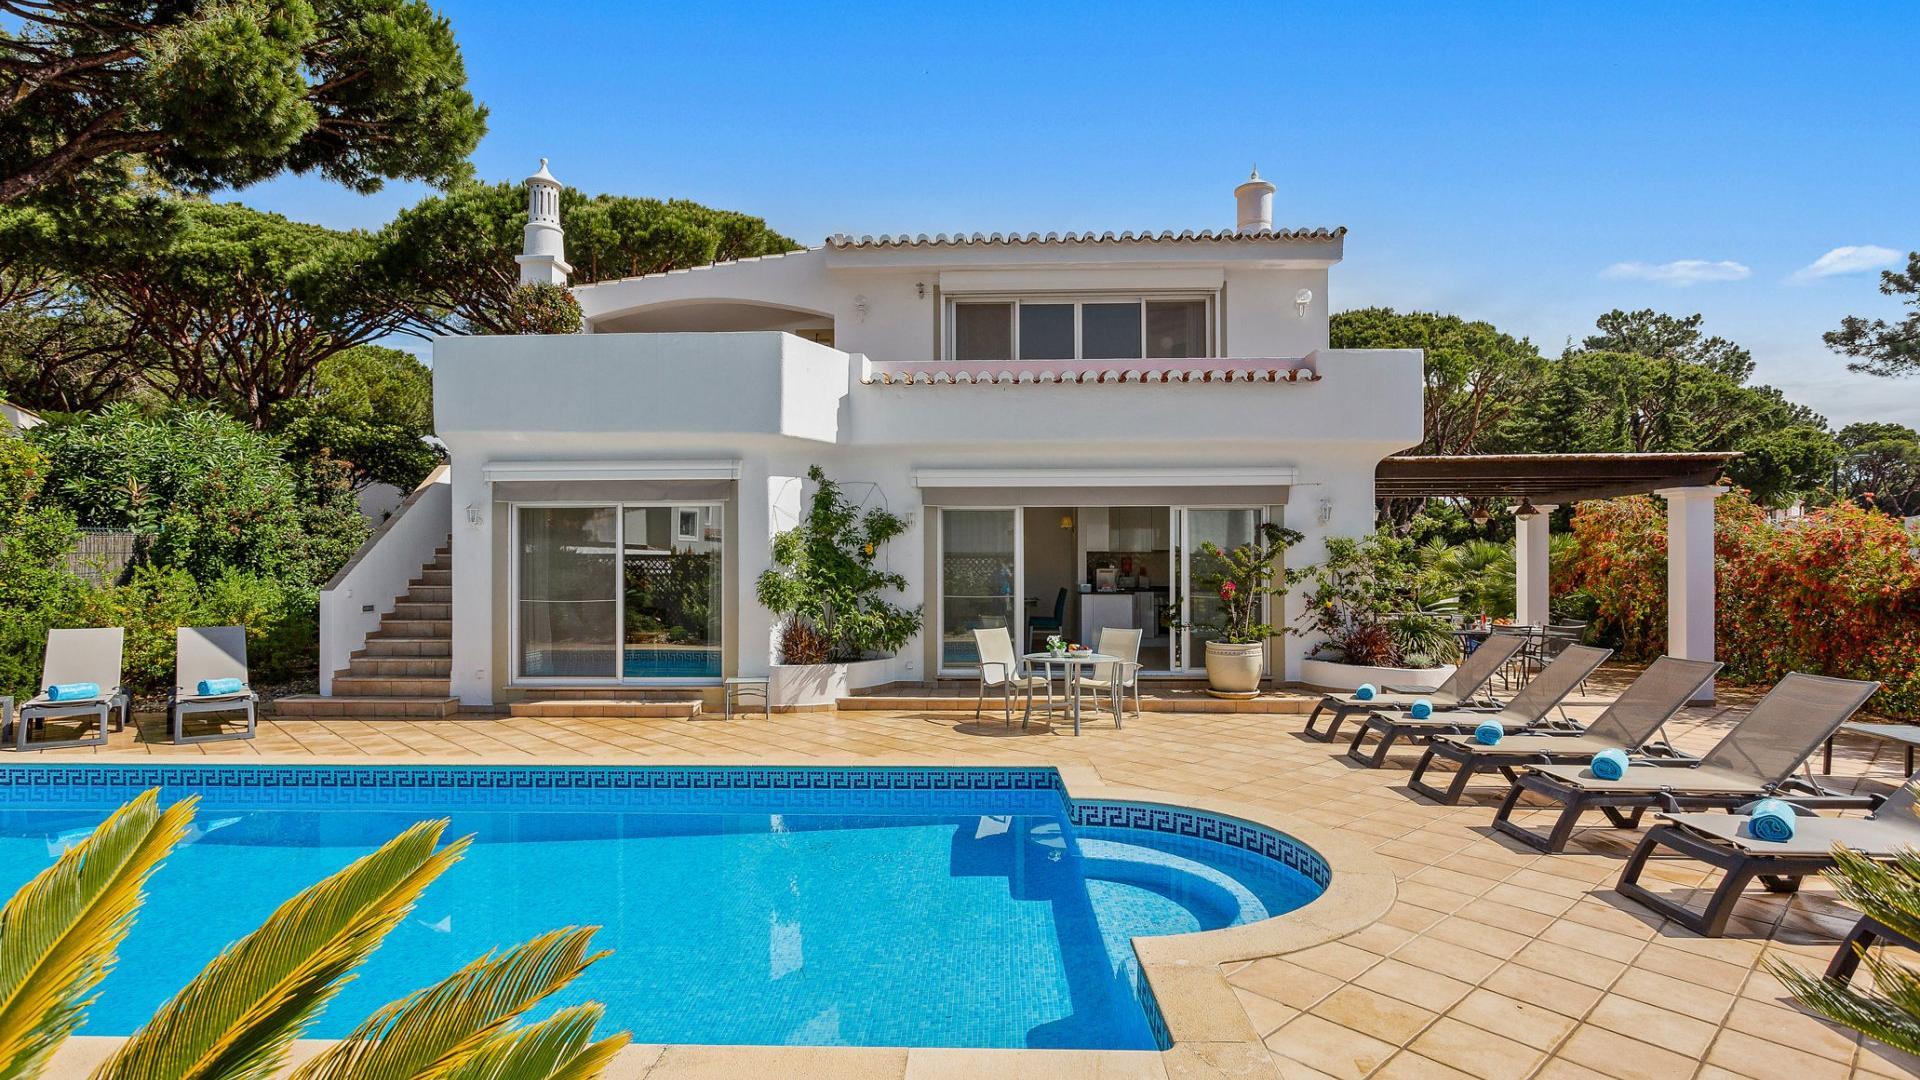 Villa Jakasia  - Vale do Lobo, Algarve - _P1_1173.jpg